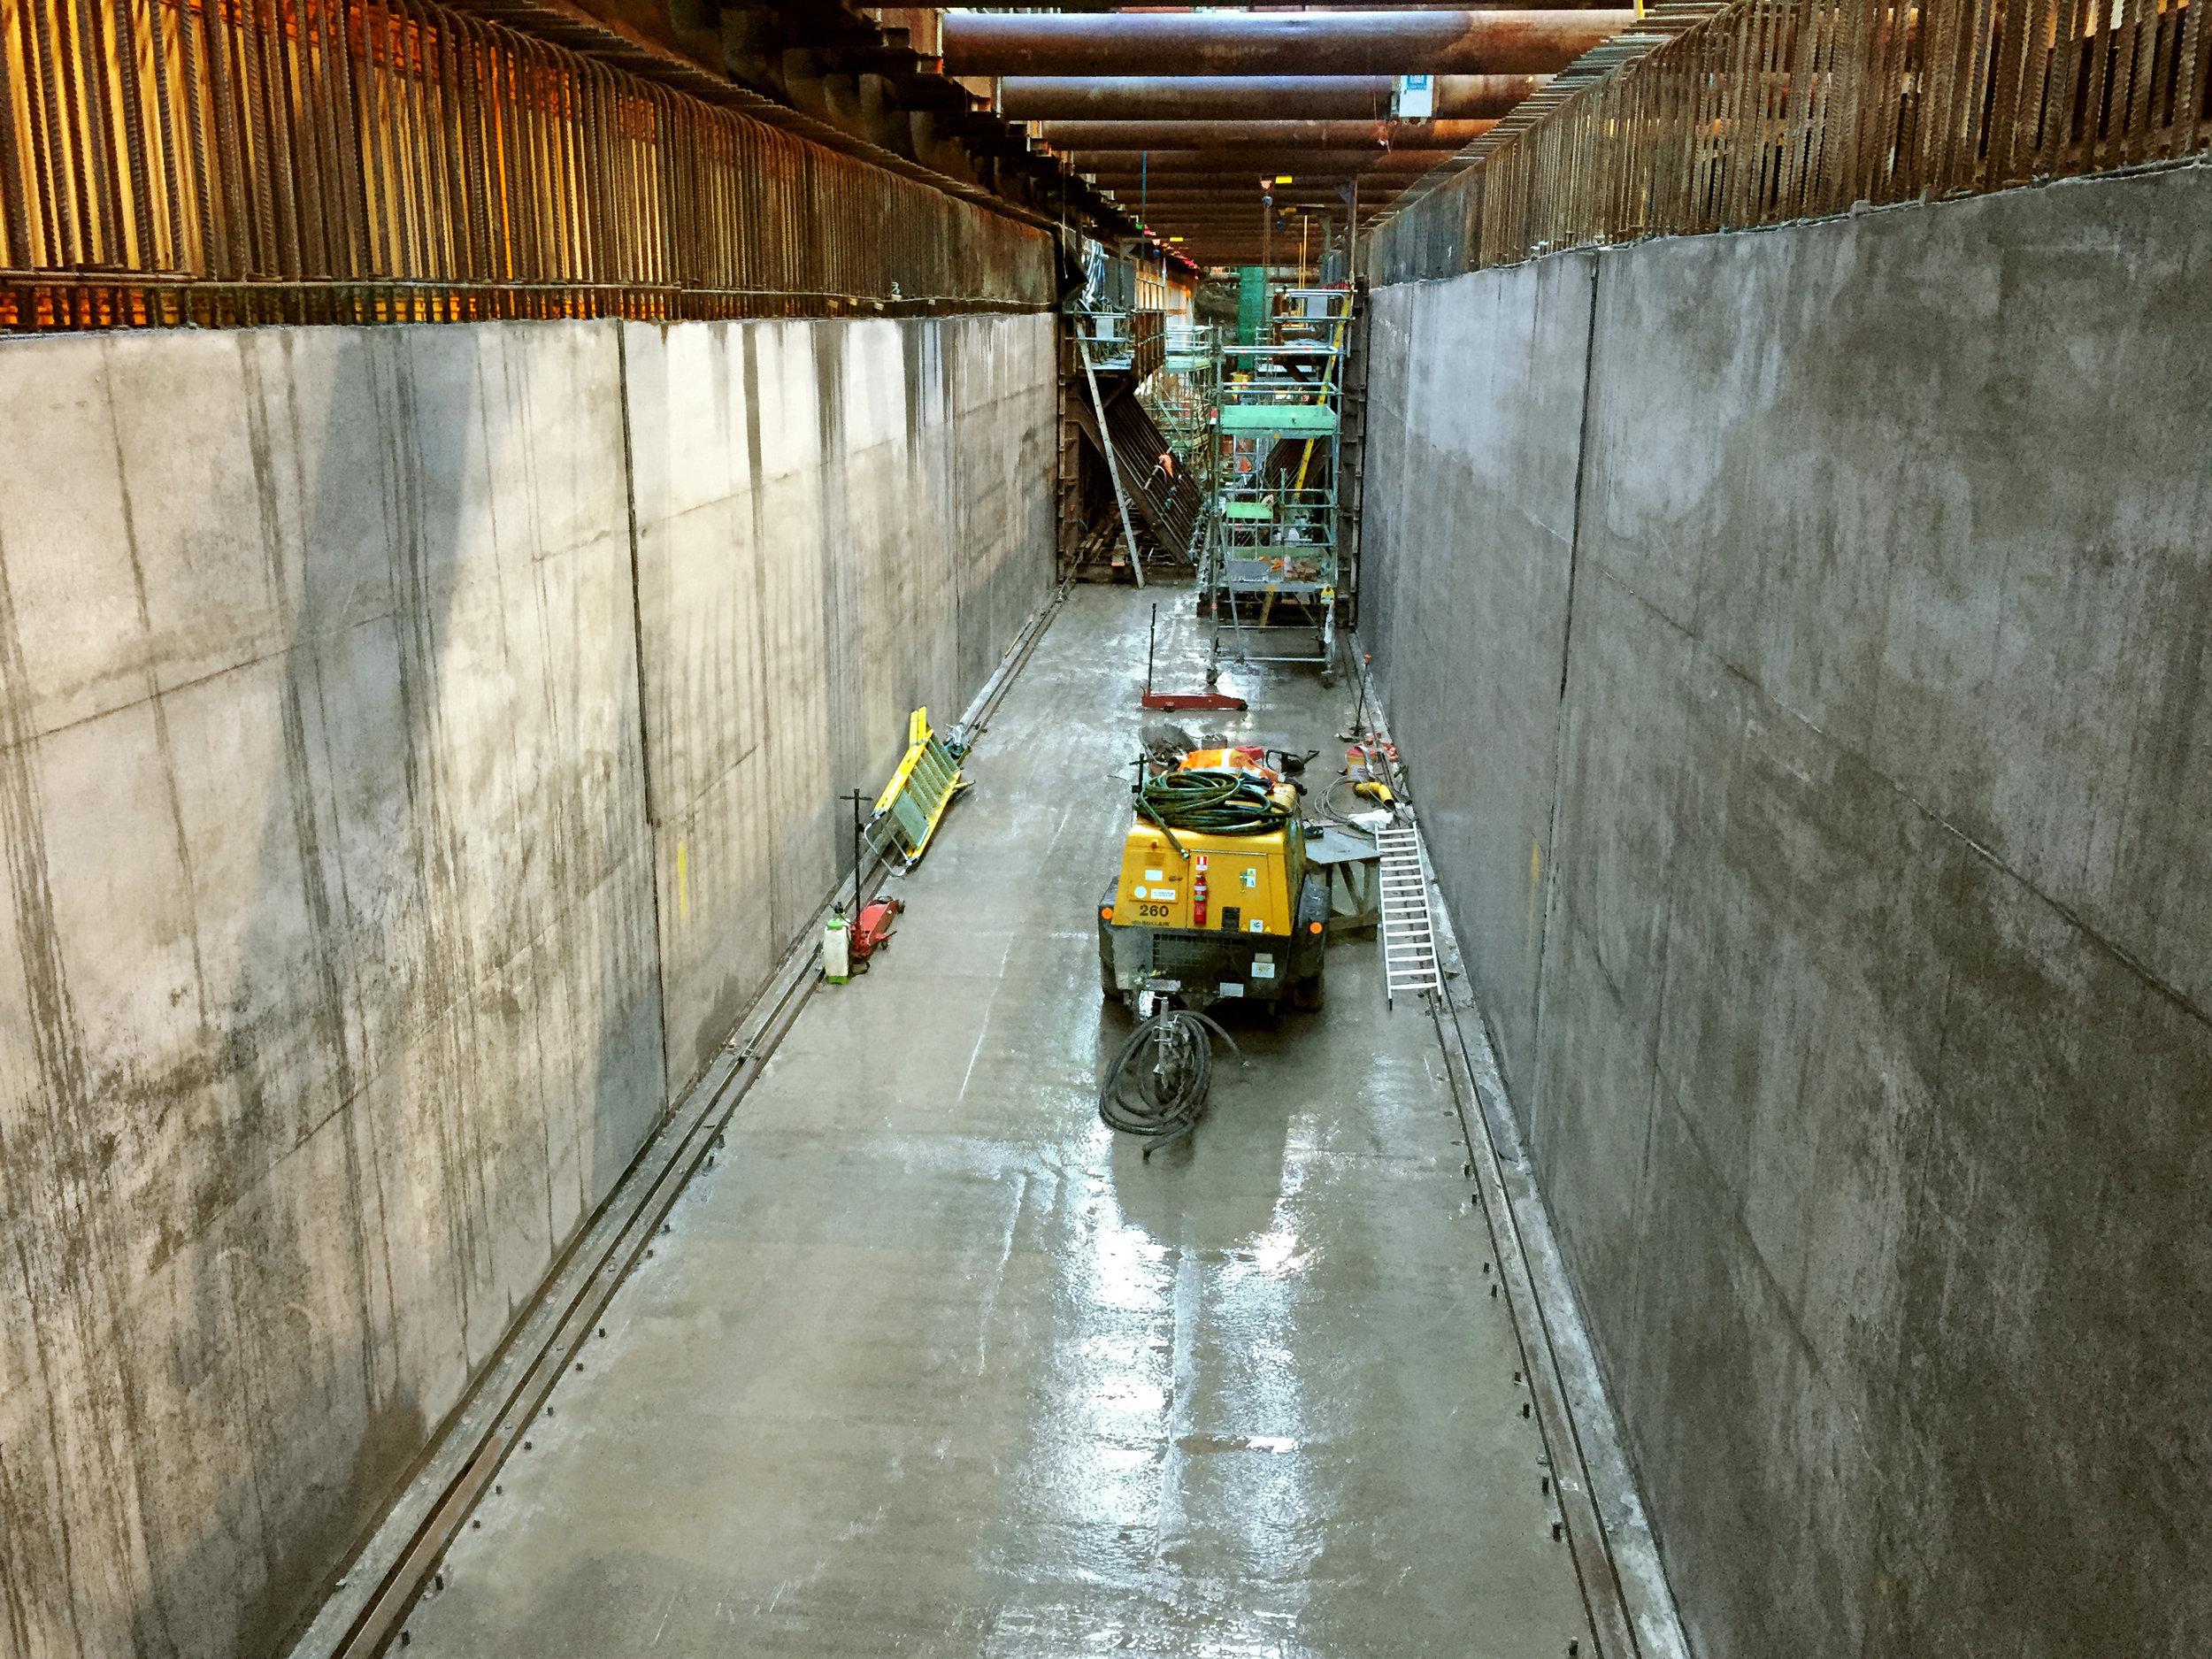 How Albert Street tunnel is looking today, 15 June 2018